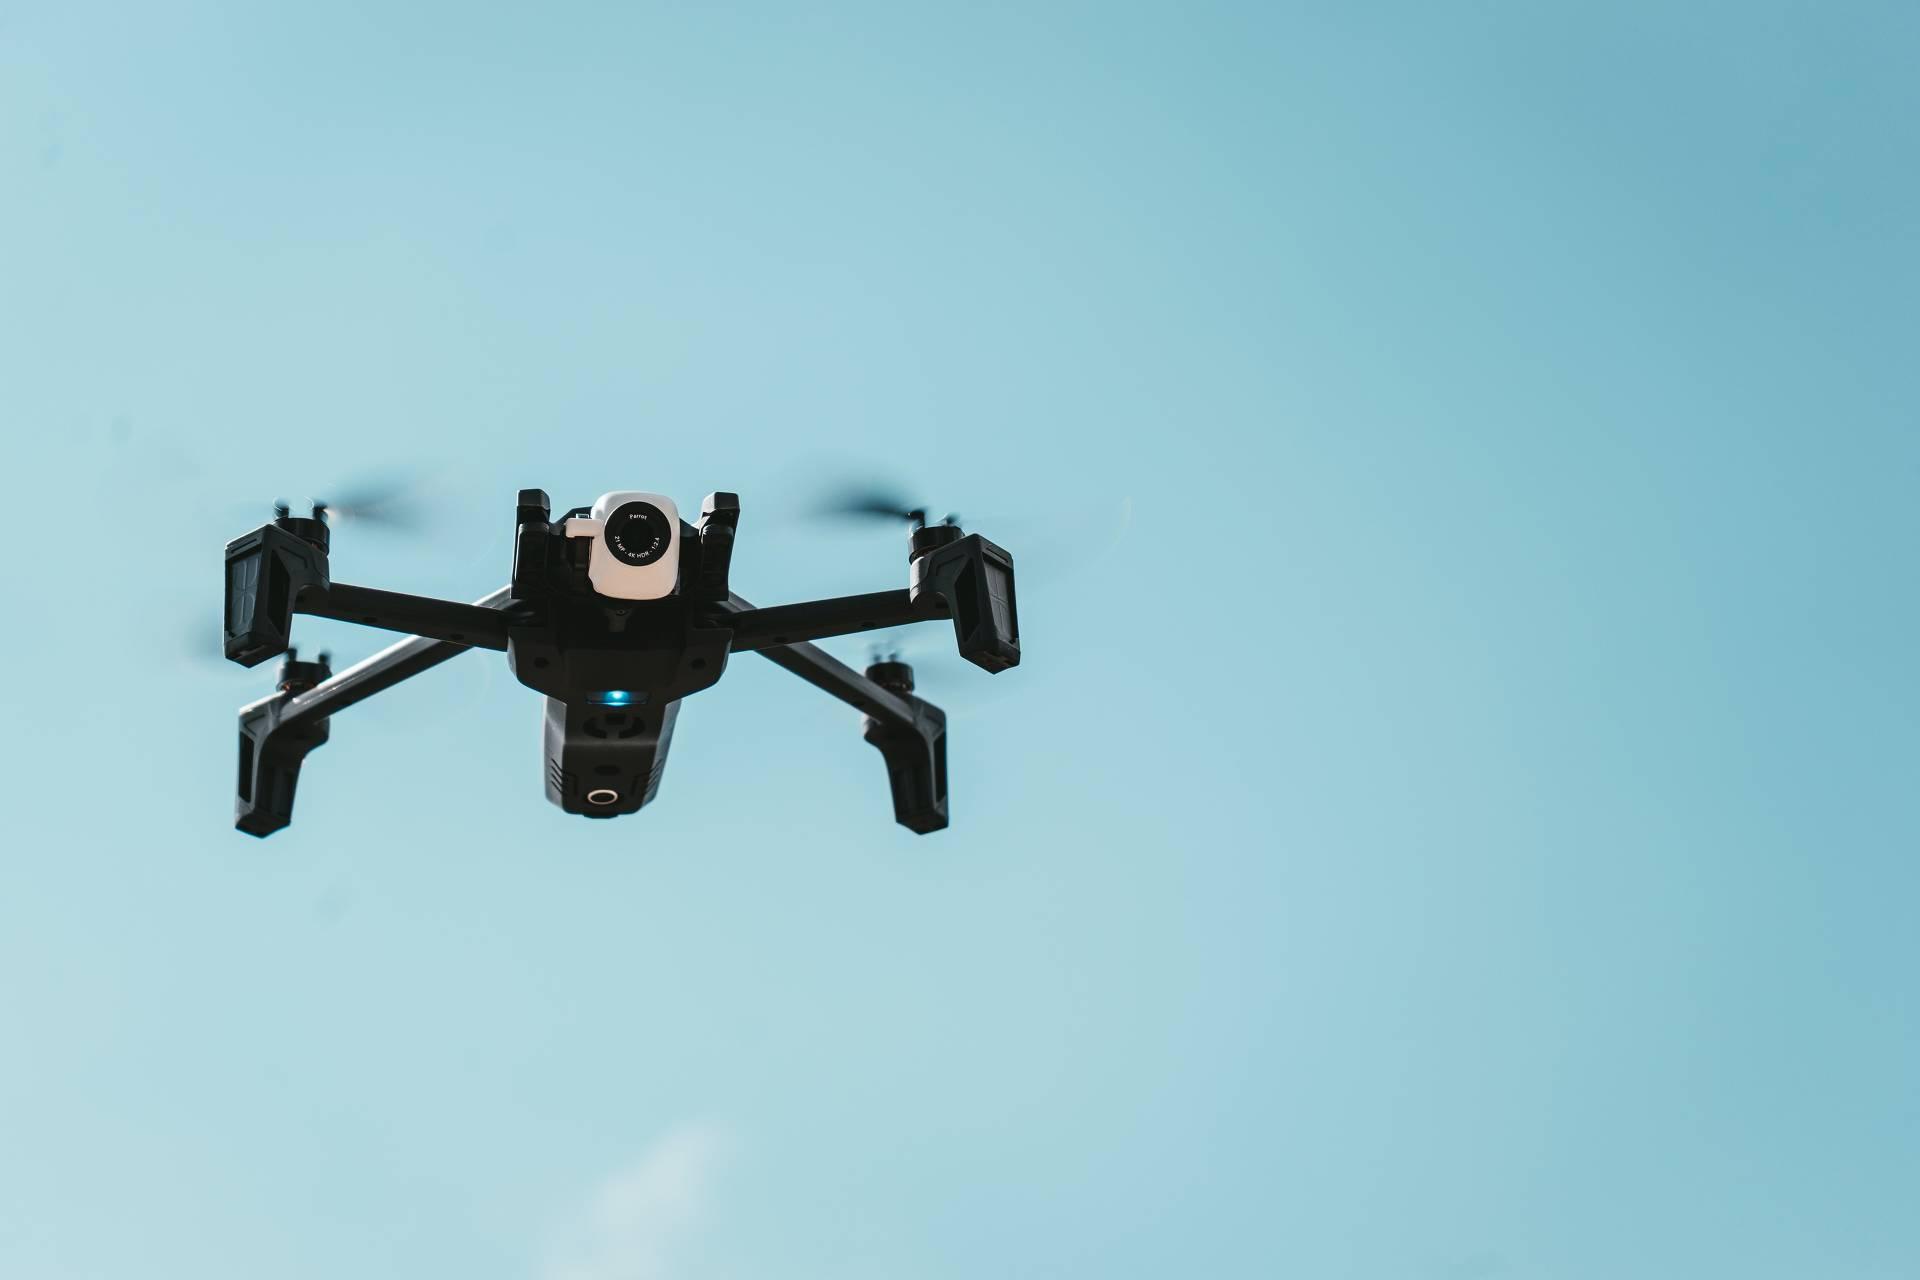 Drohne in der Luft mit blauem Himmel